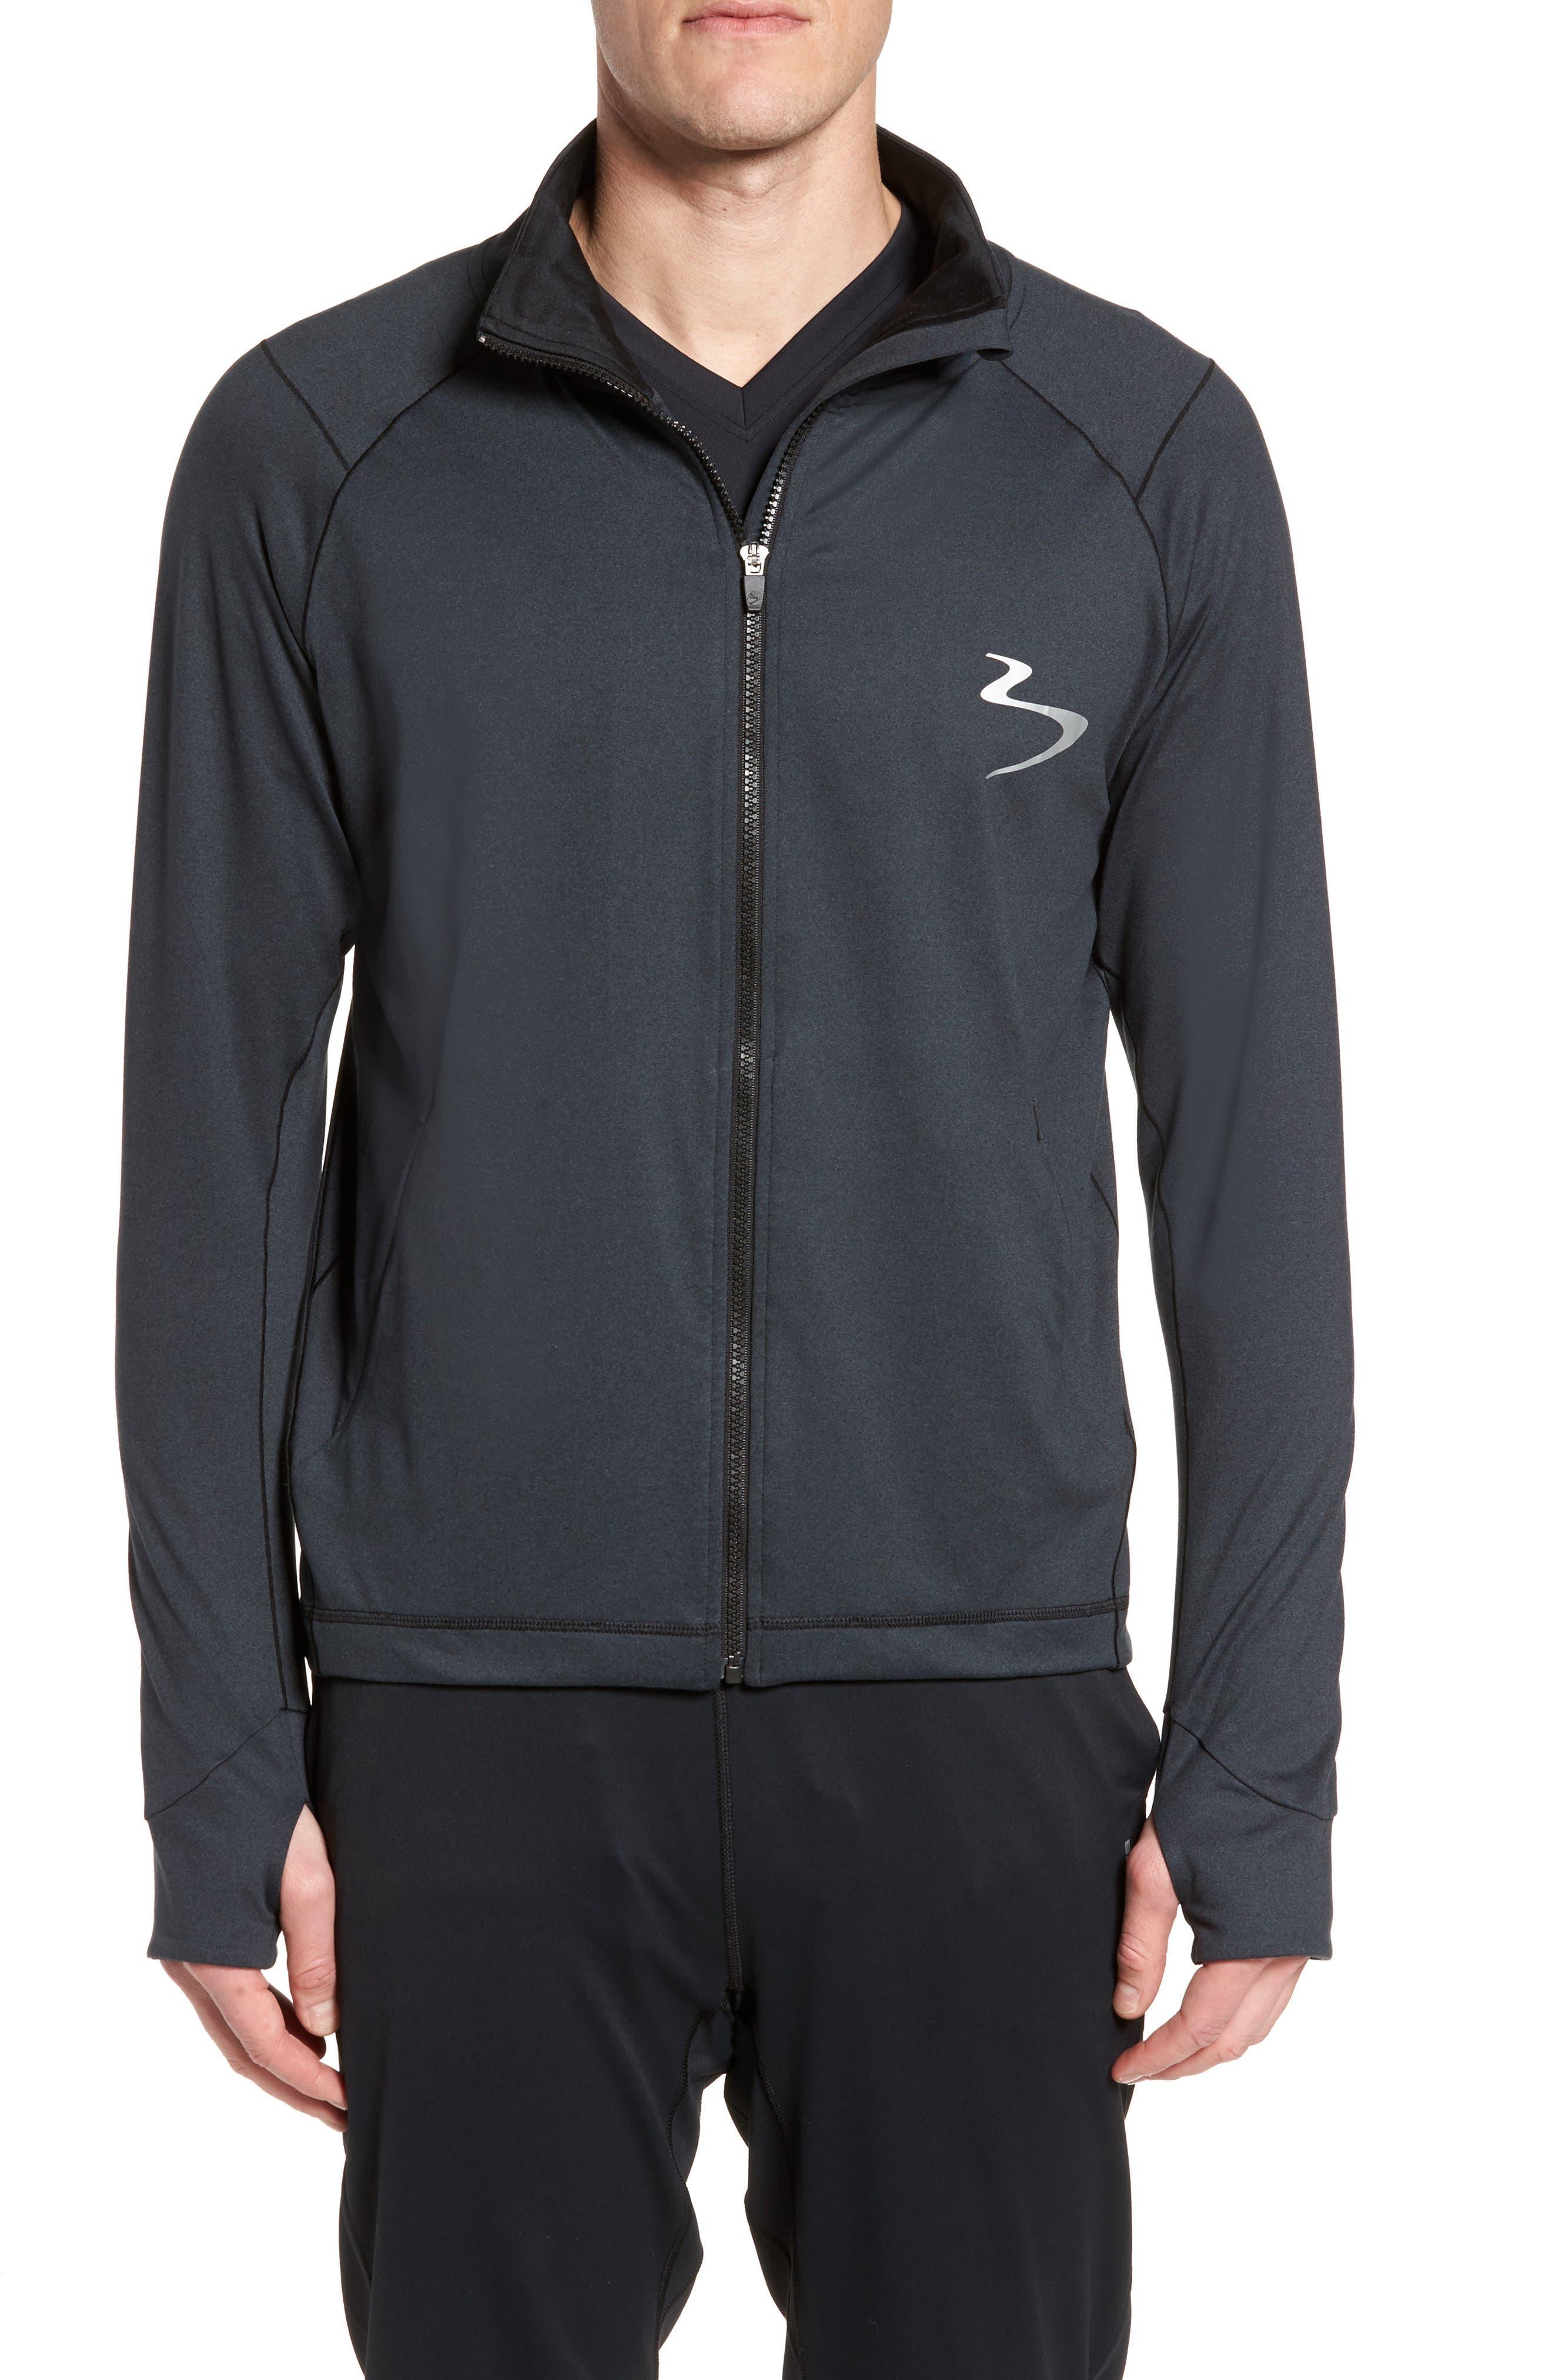 Main Image - Beachbody Energy Training Jacket